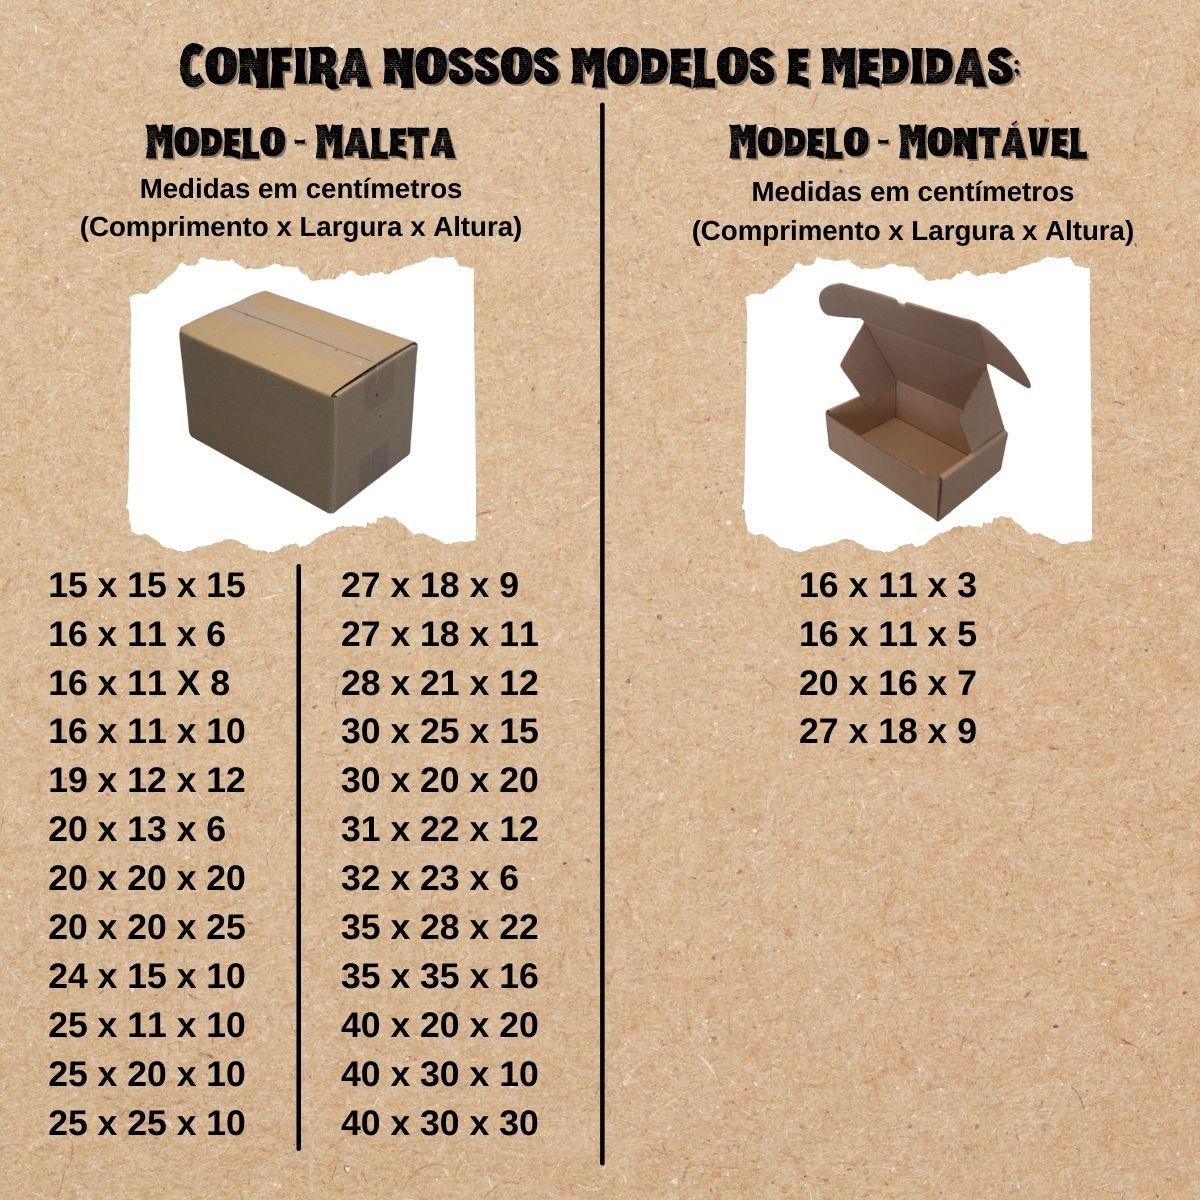 200 Caixas de Papelao (24X15X10)cm - Sedex / Pac / Correios